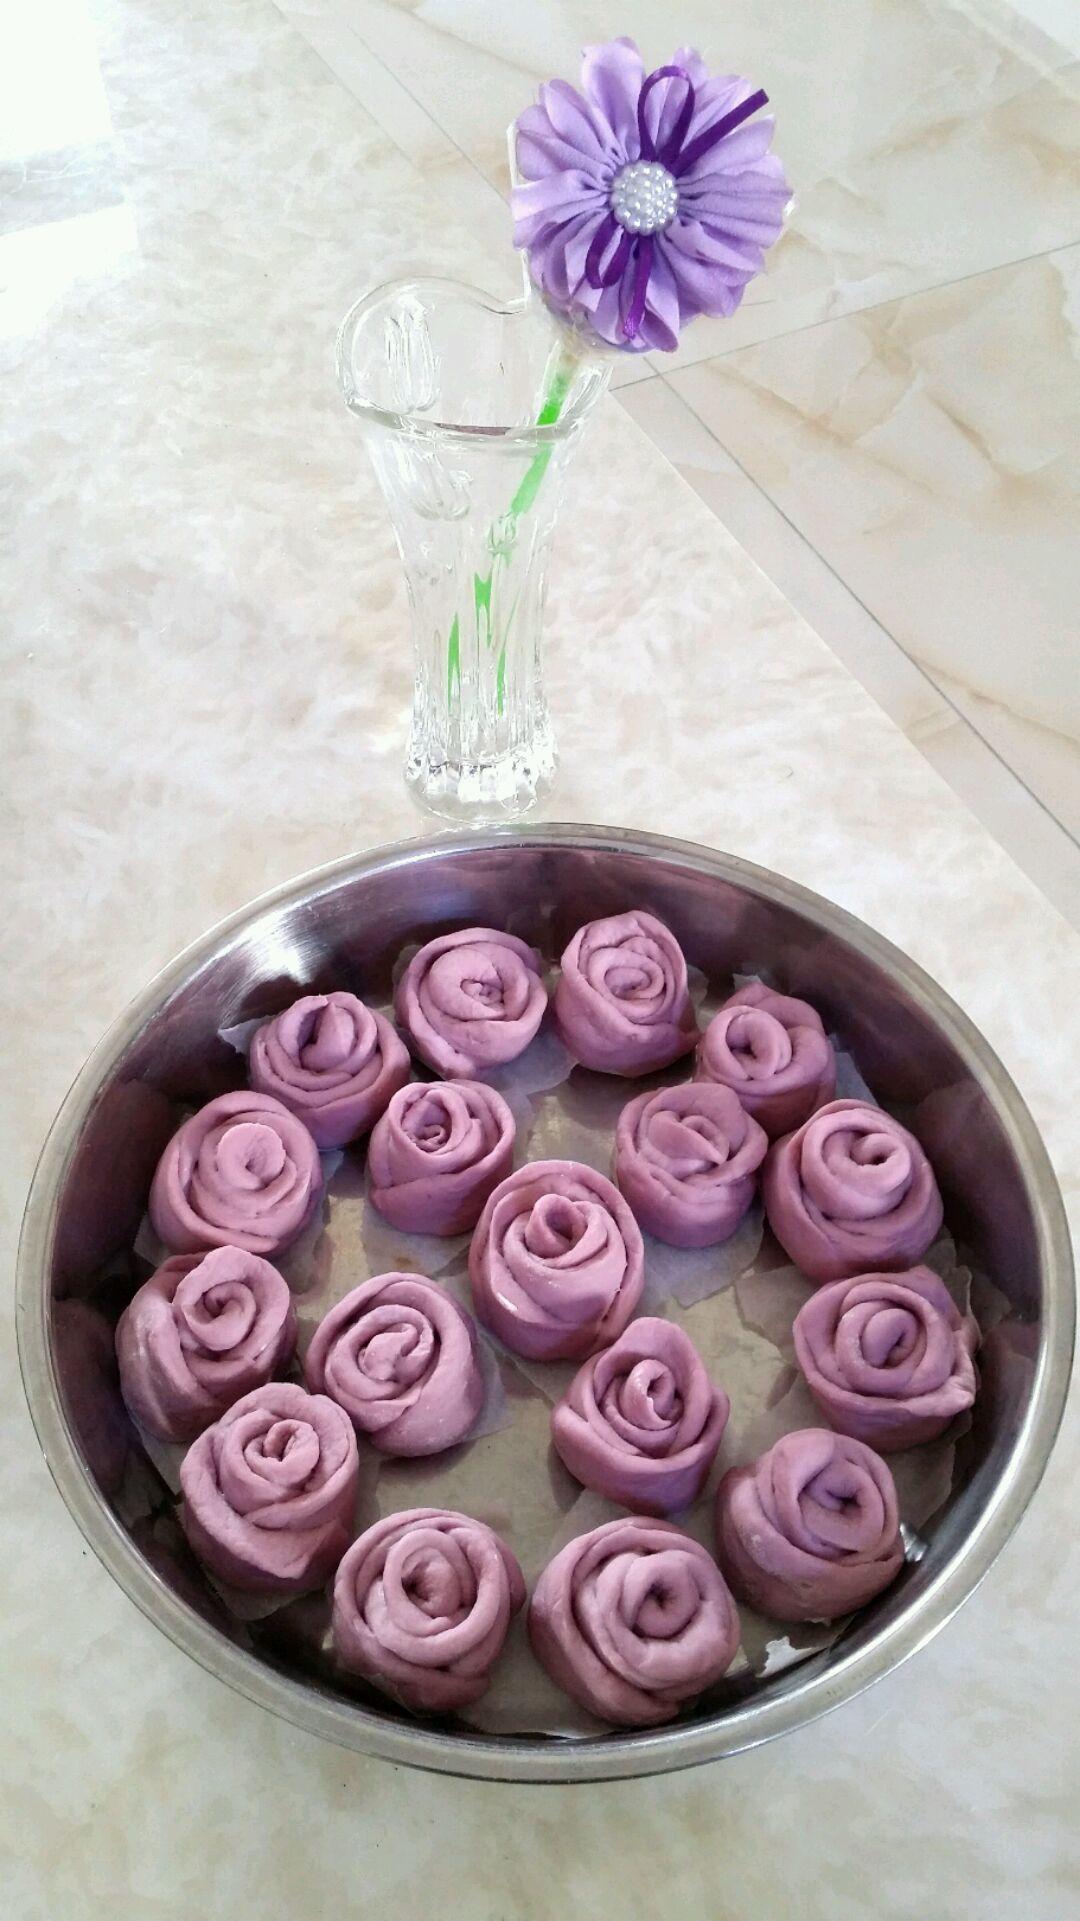 紫薯玫瑰花卷的做法步骤